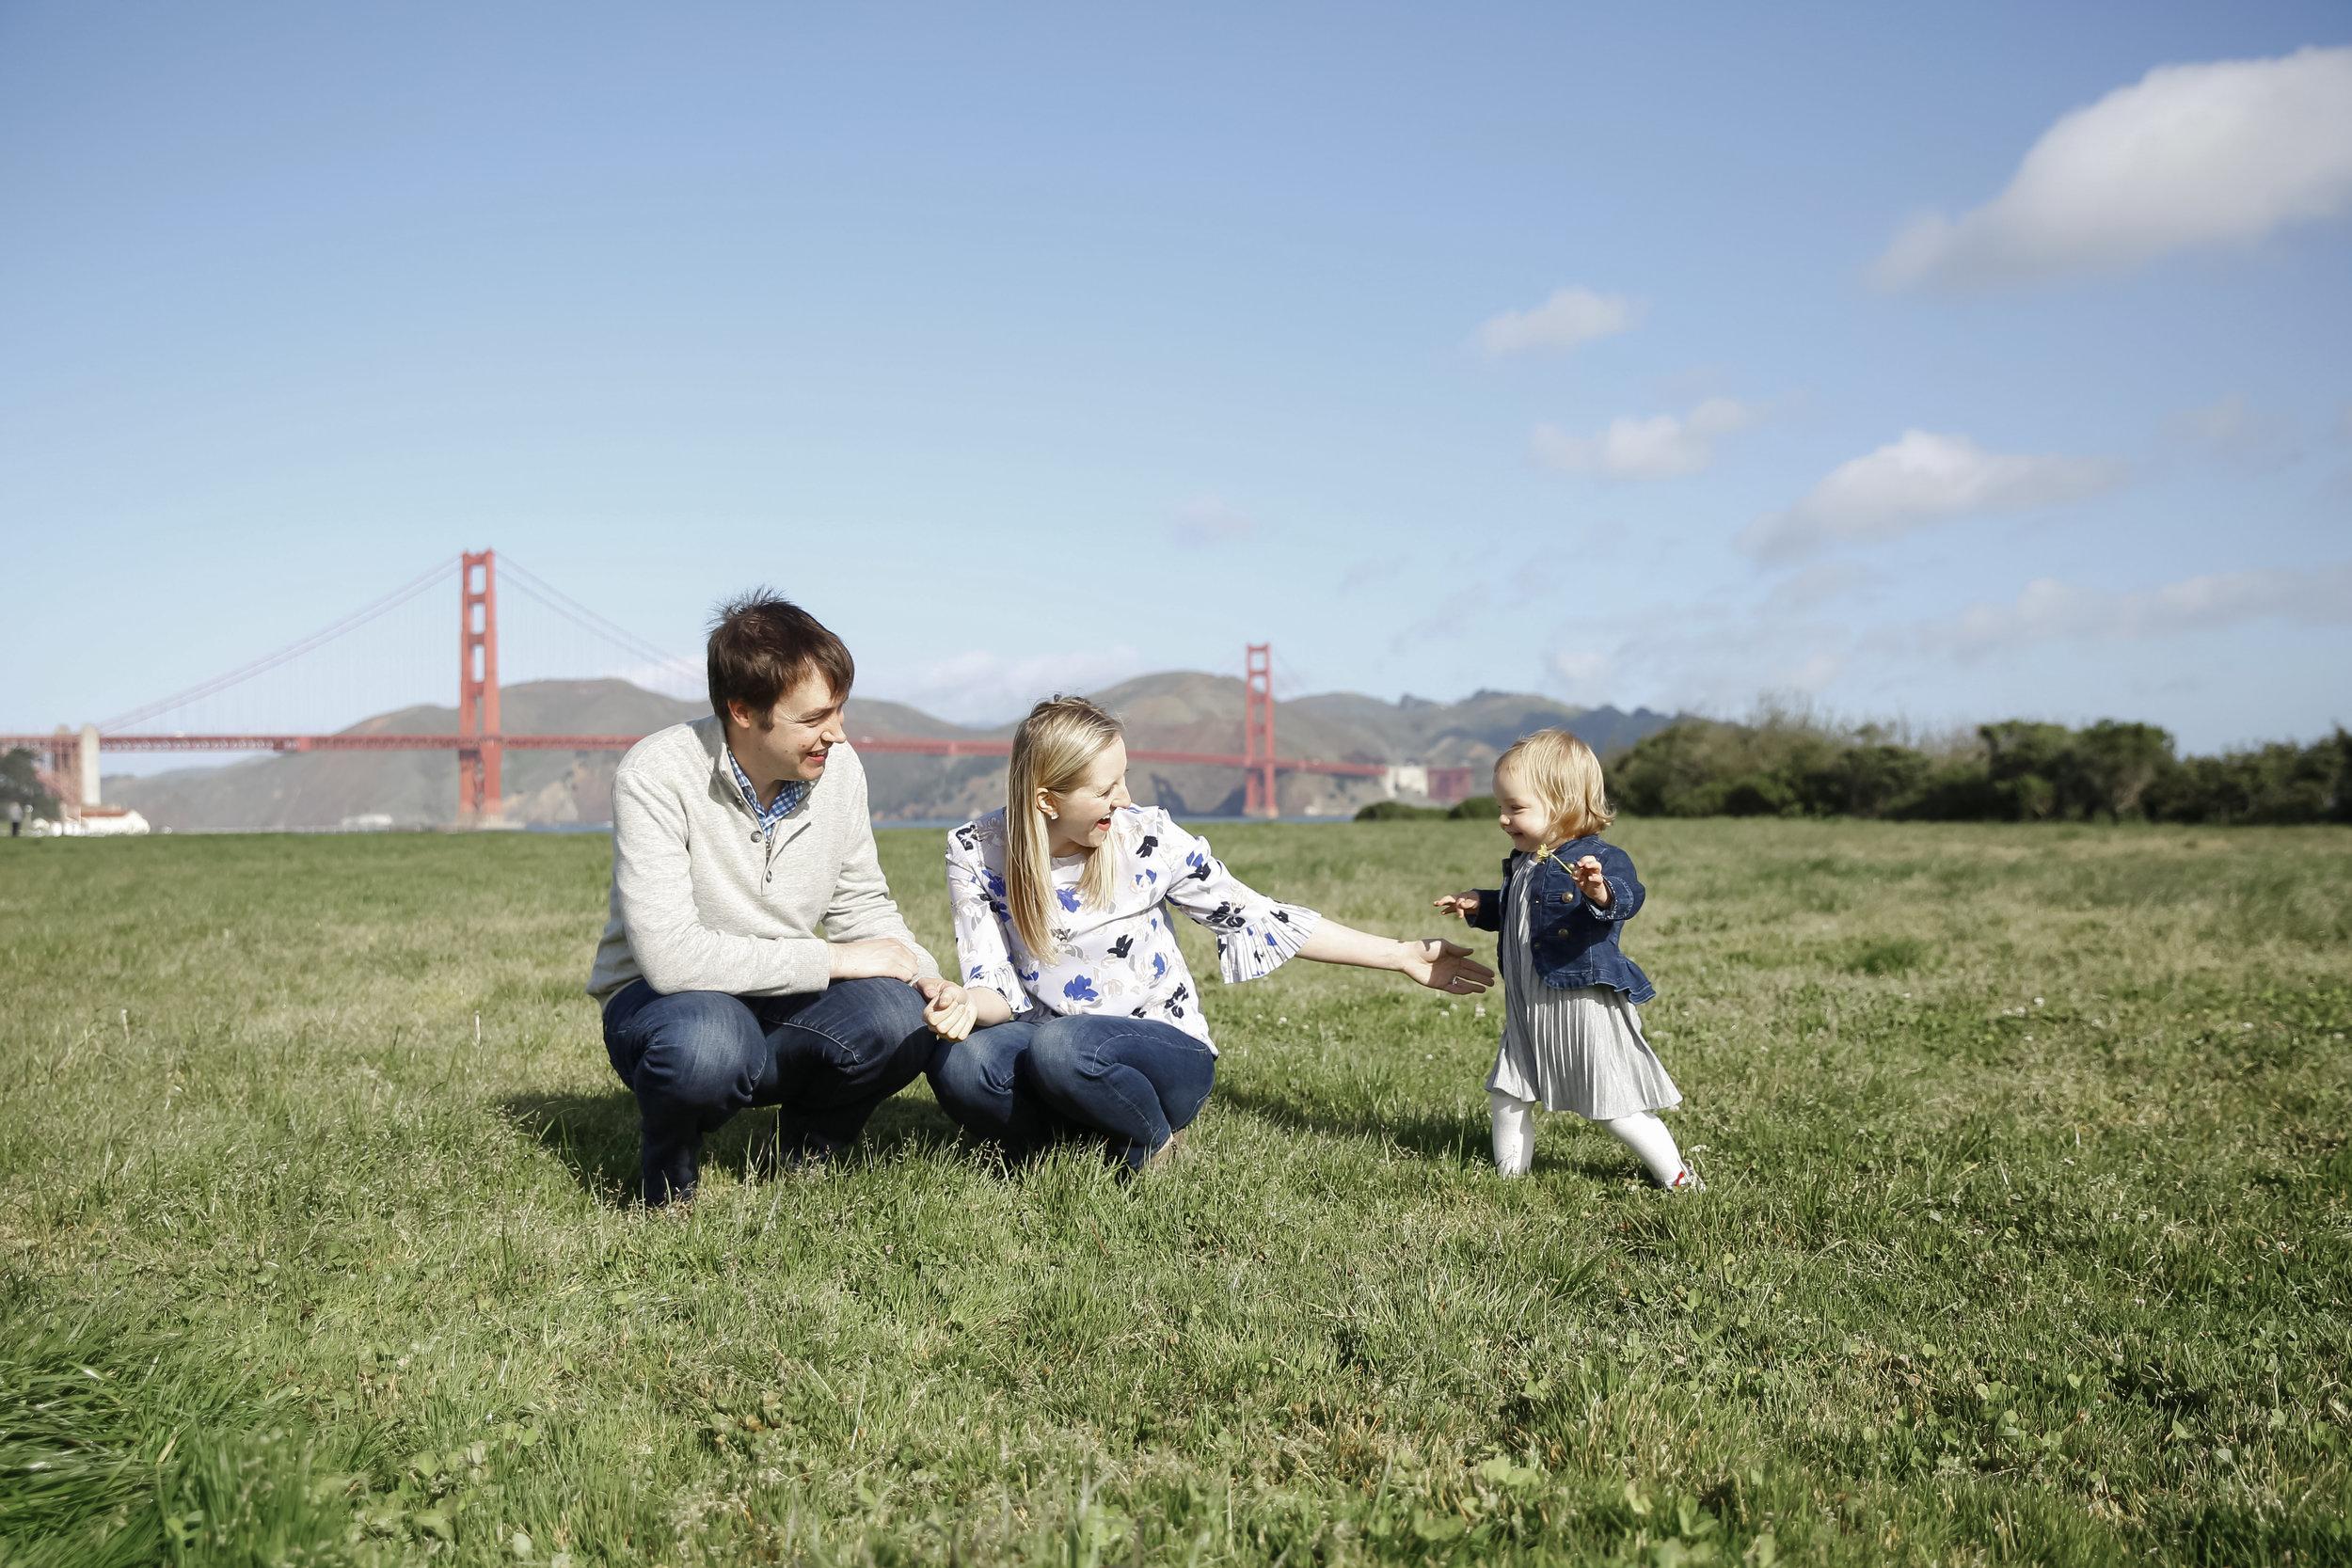 fellowsfamily-ahp-00226.jpg